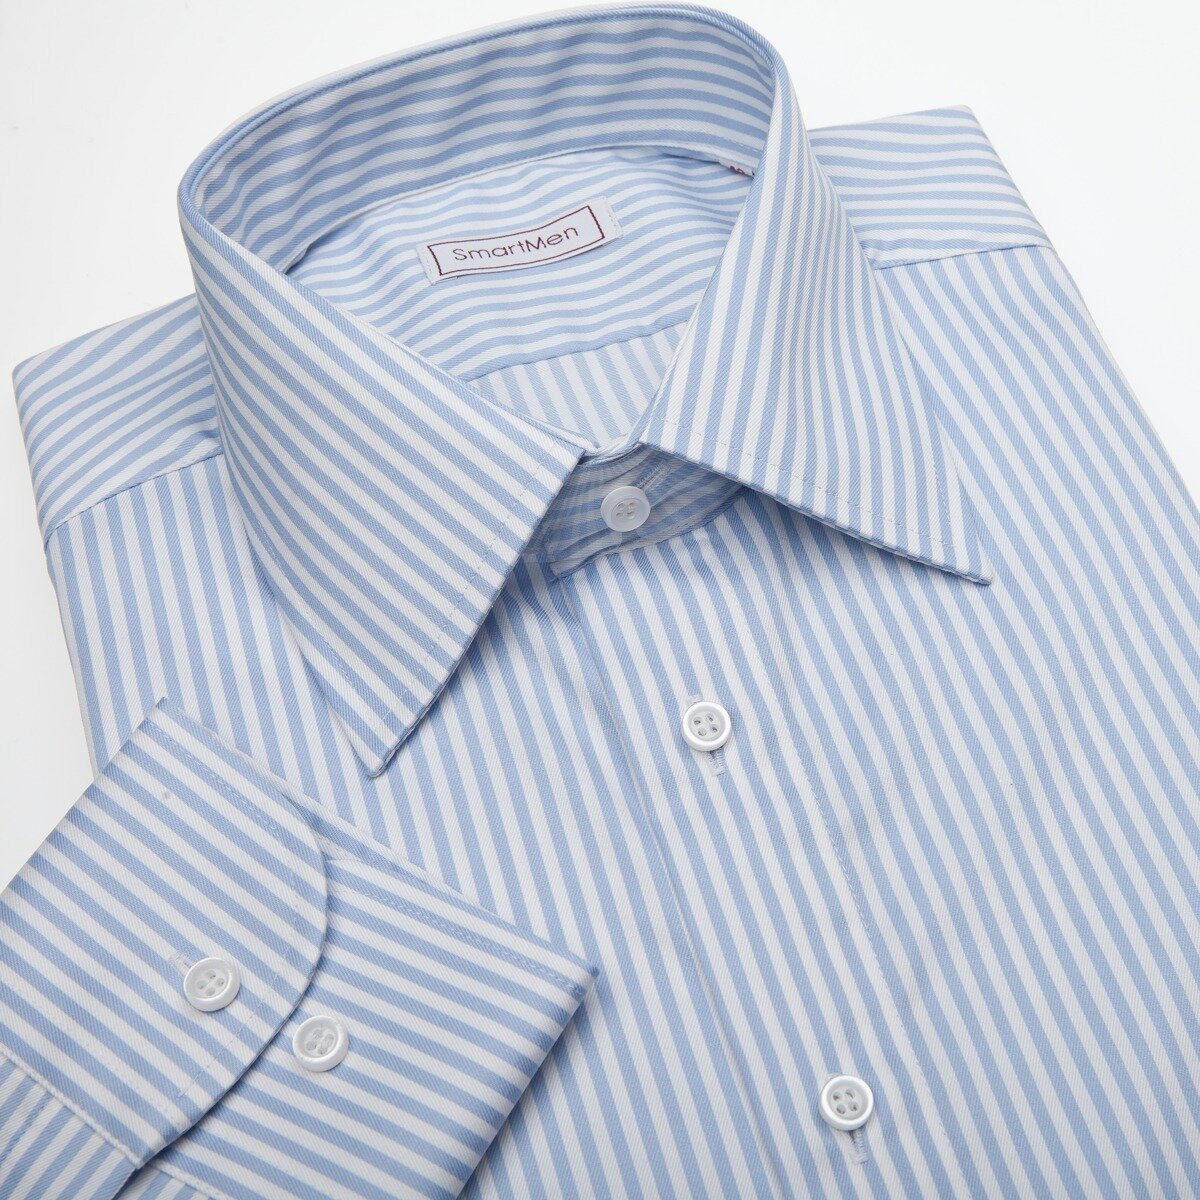 Pánská košile se světle modrým proužkem - Non Iron - nežehlivá 700e9cfacb